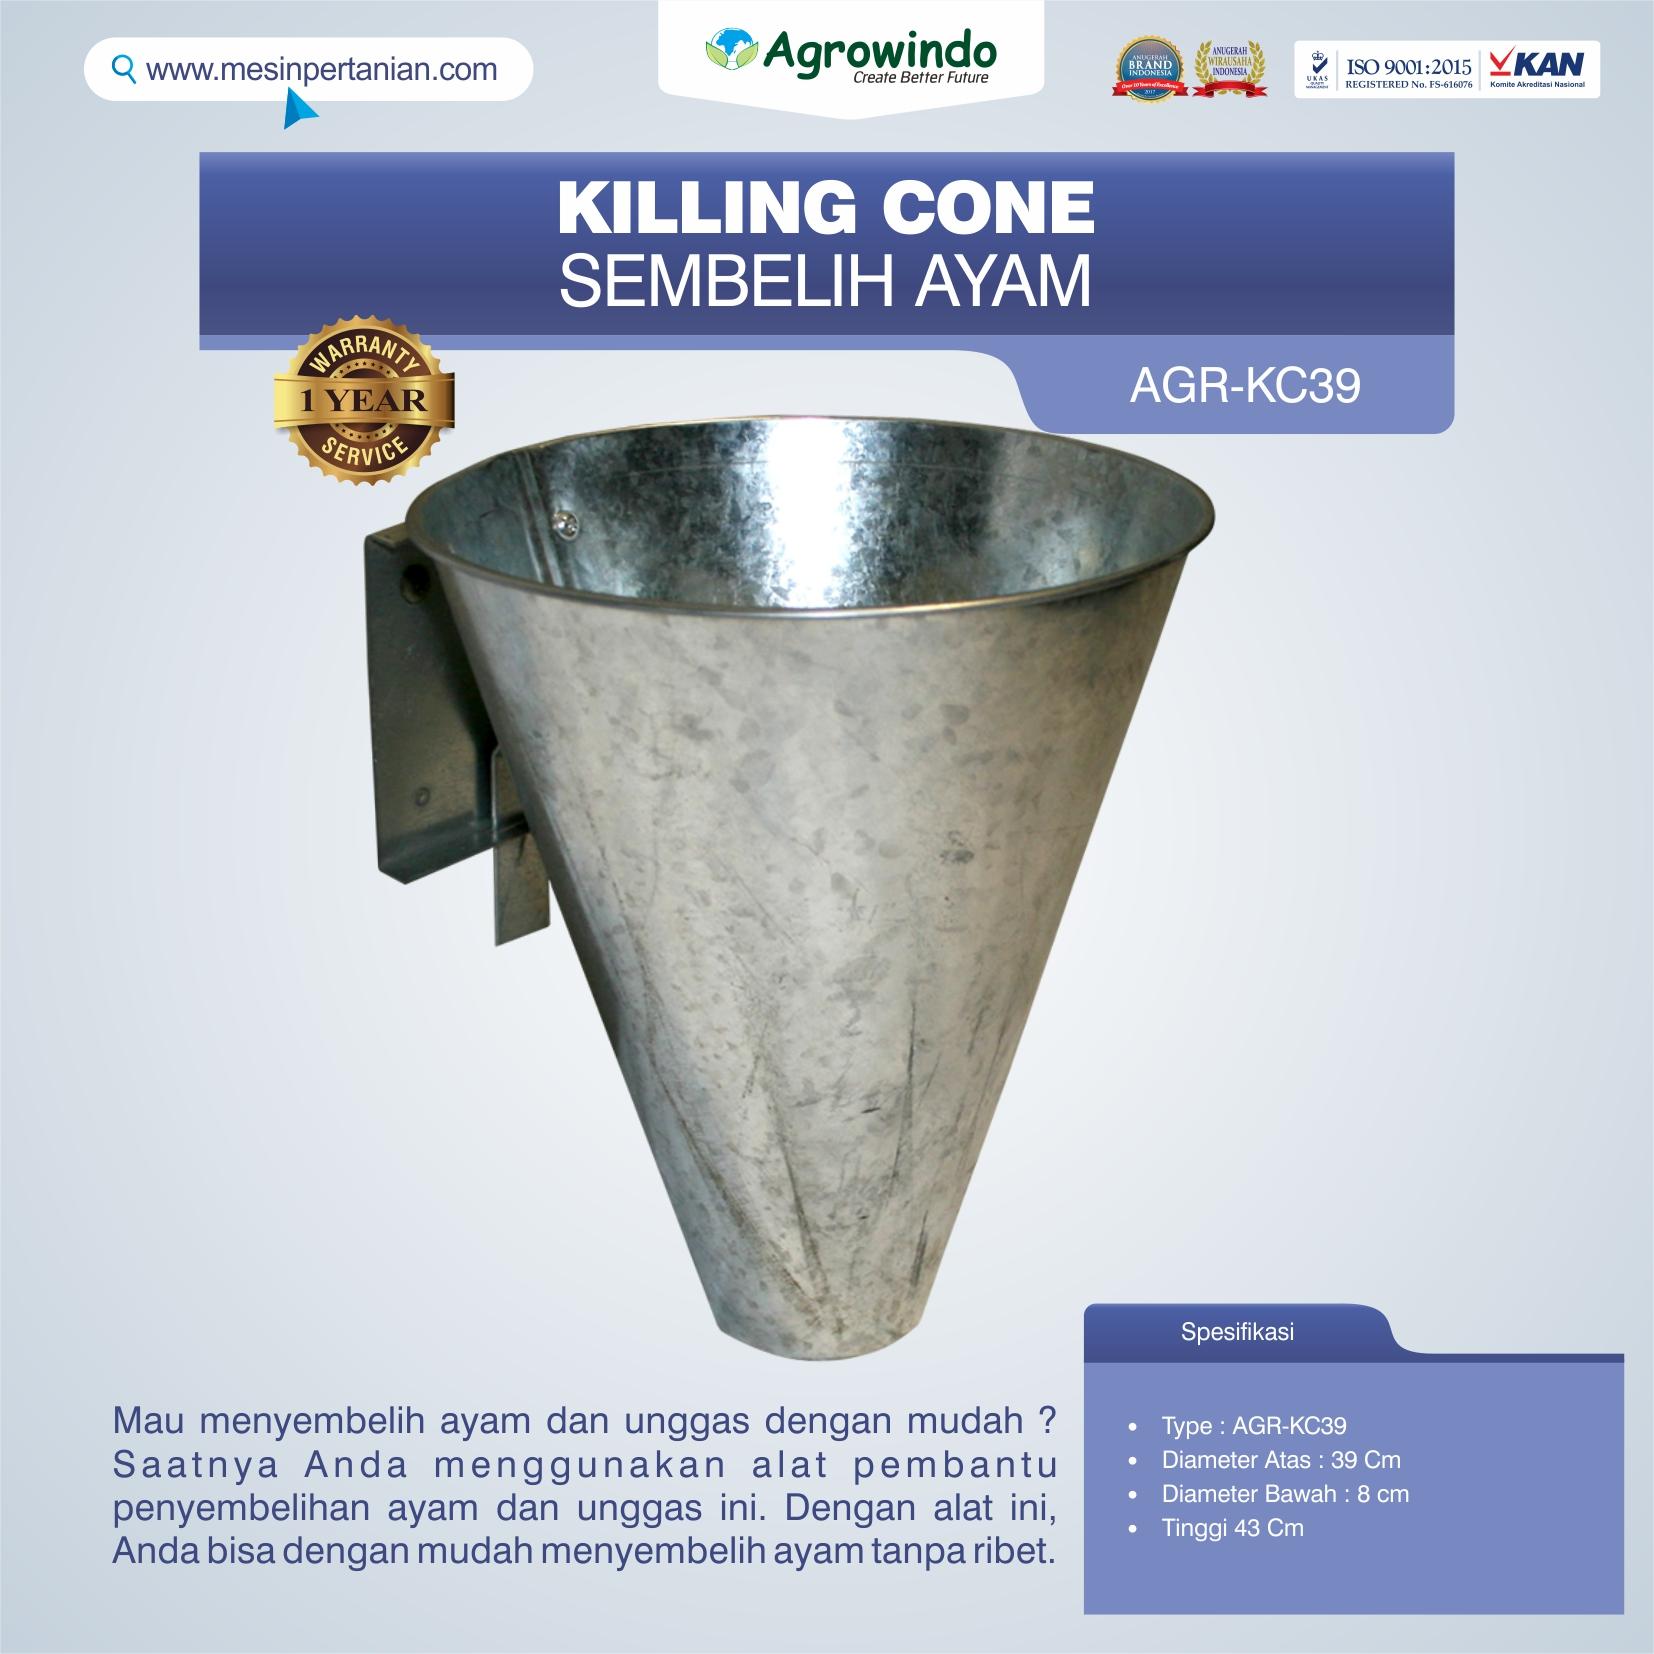 Jual Killing Cone Alat Sembelih Ayam di Yogyakarta